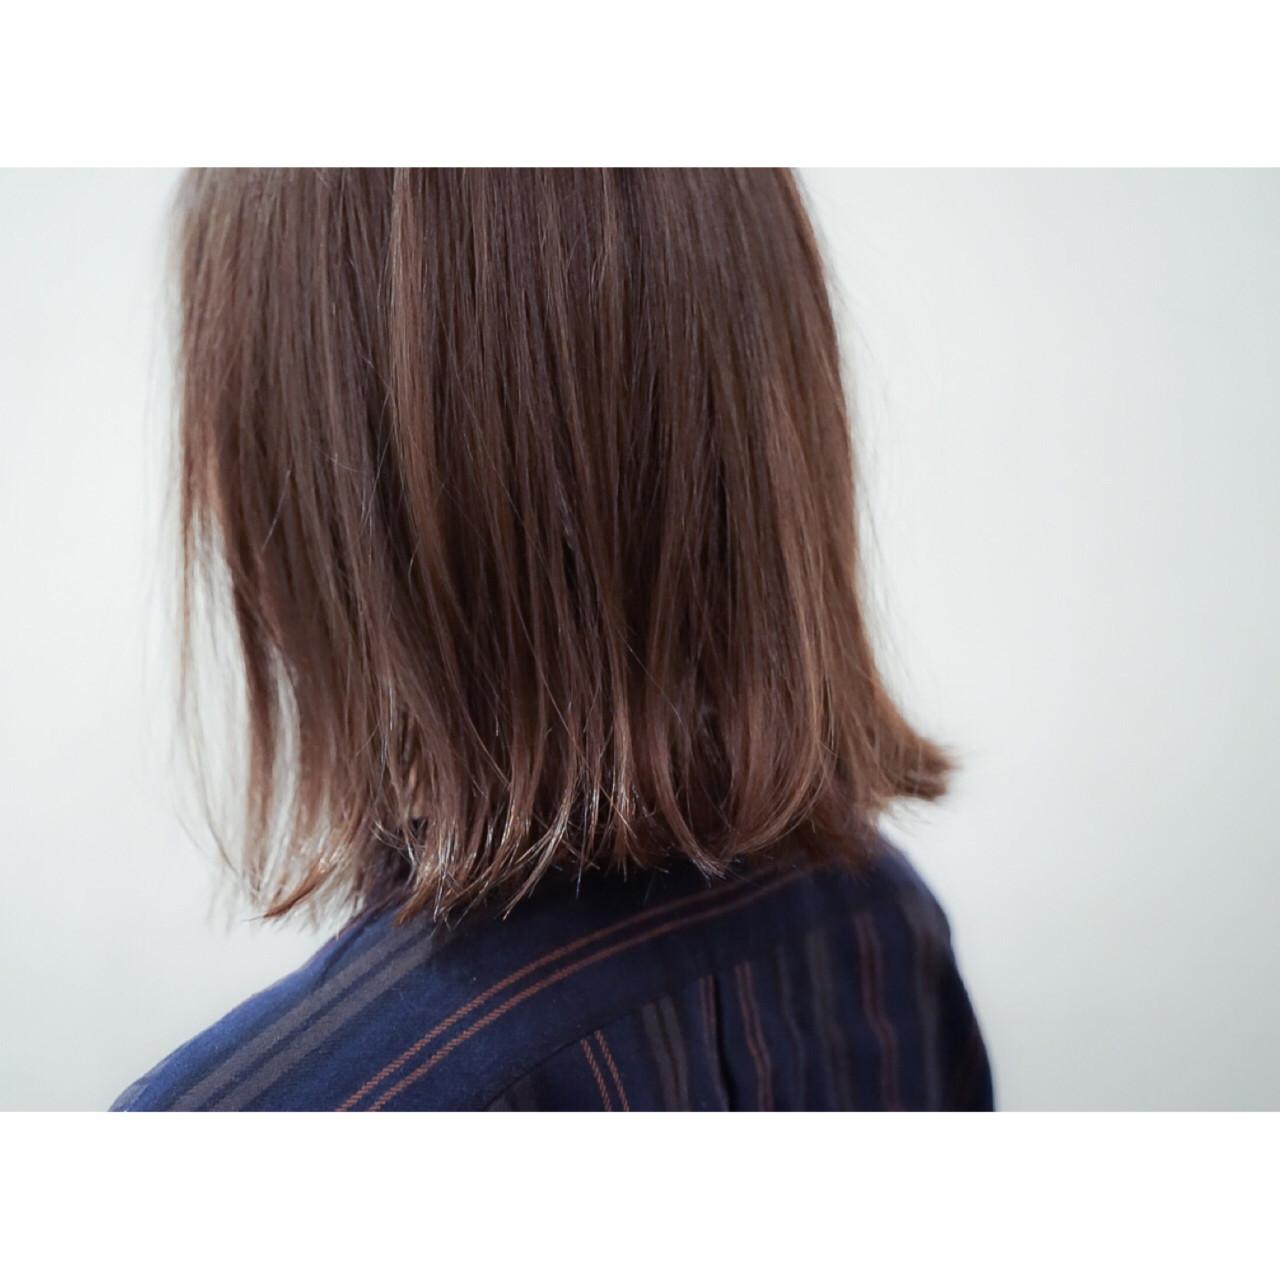 ハイライト ナチュラル 外国人風 大人かわいい ヘアスタイルや髪型の写真・画像